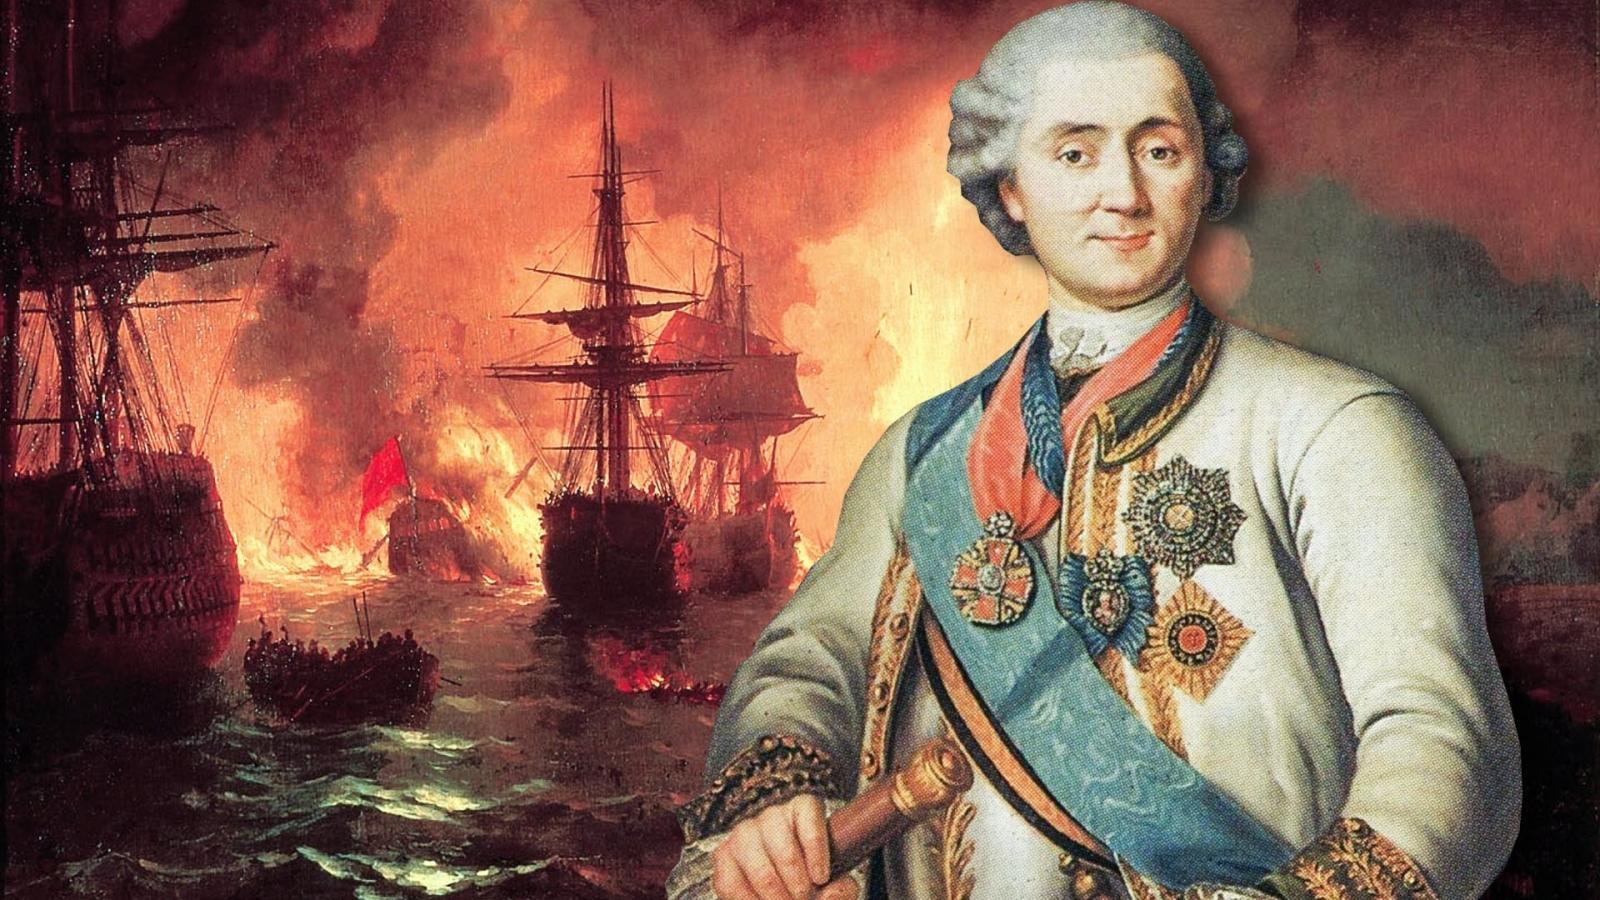 Nga đã từng chinh phục thành phố Beirut trong thế kỷ 18